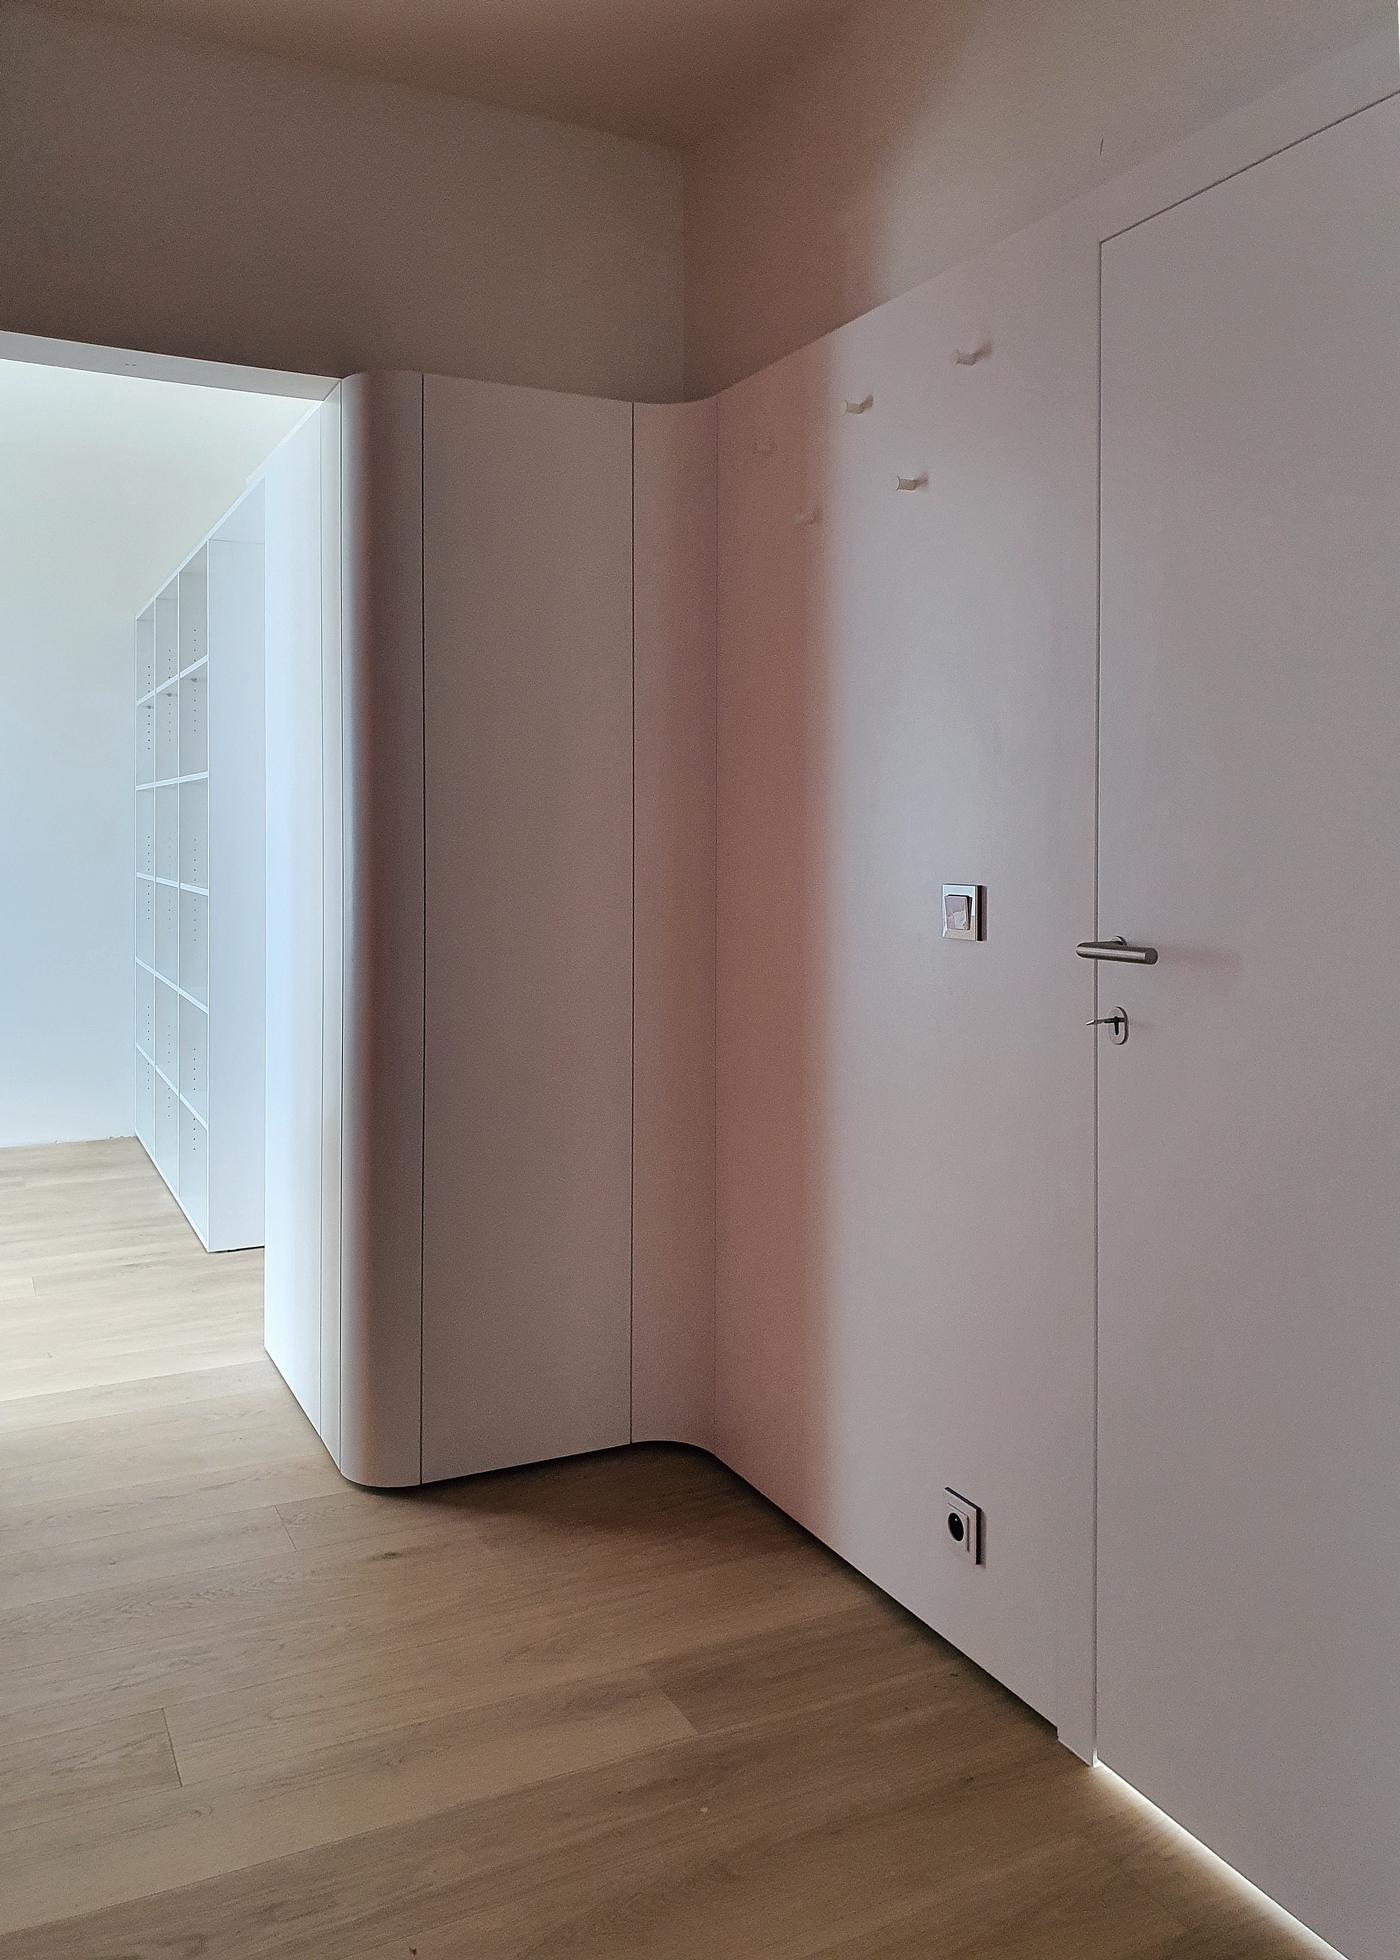 noiz-architekti-interier-byt-lotysska-real-09